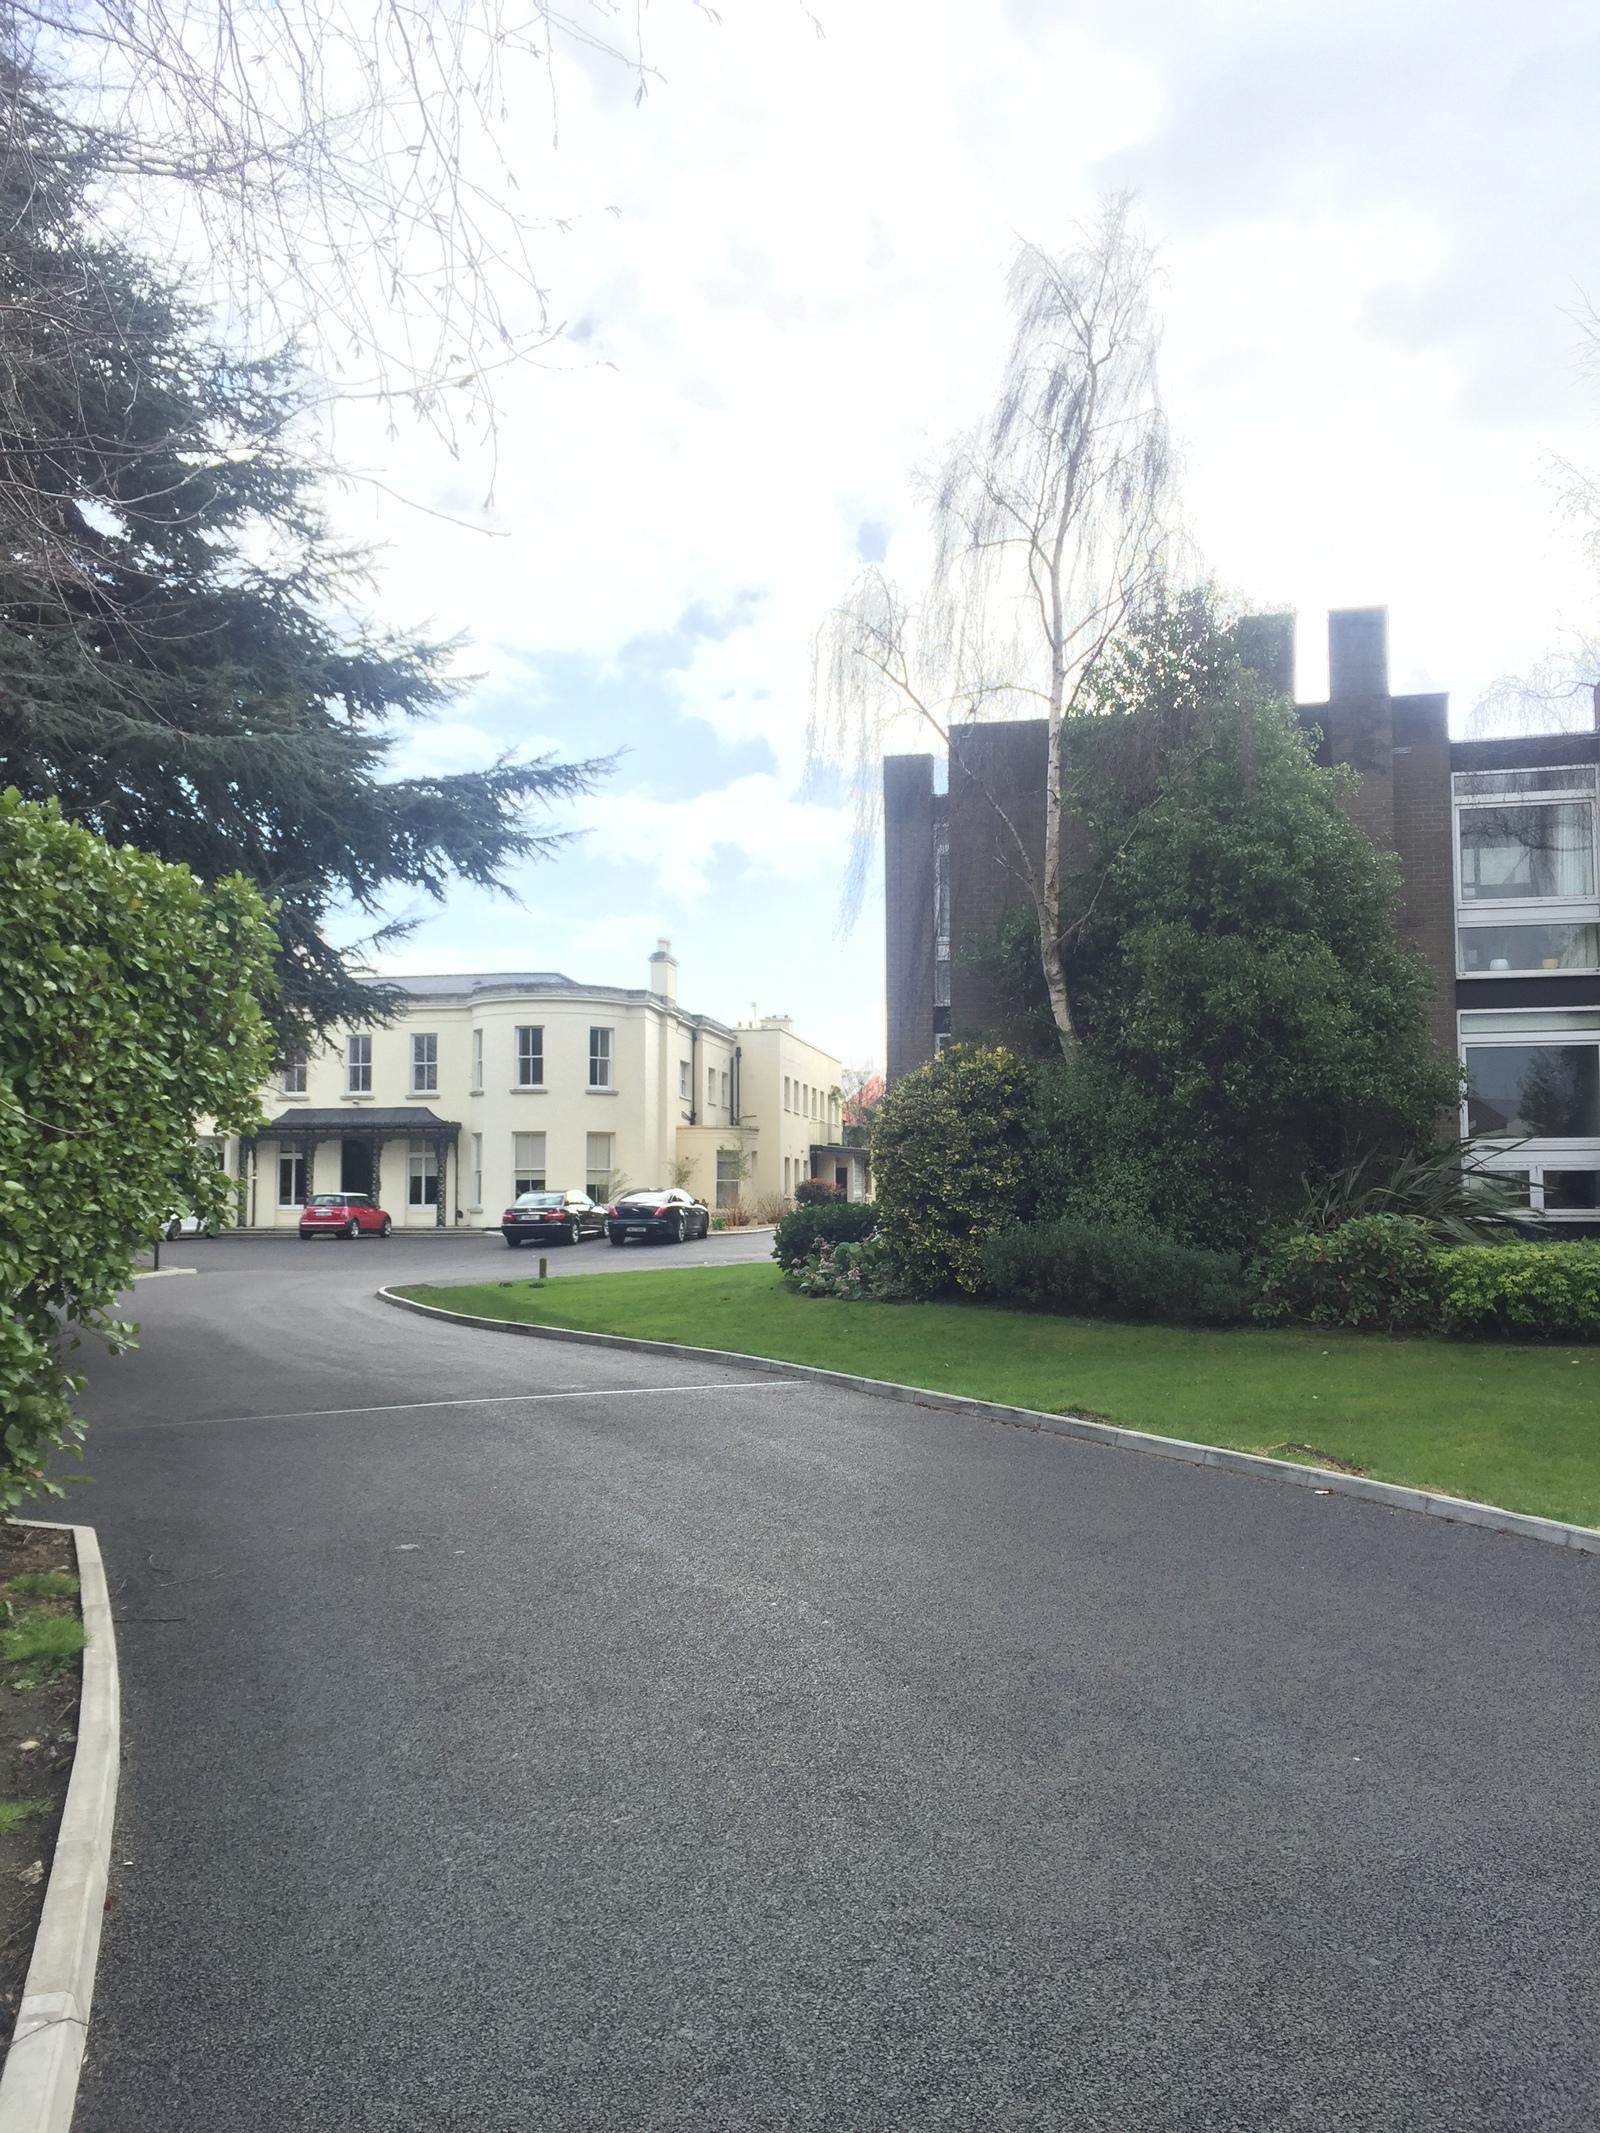 Simmonscourt Castle, Ballsbridge, Dublin 4